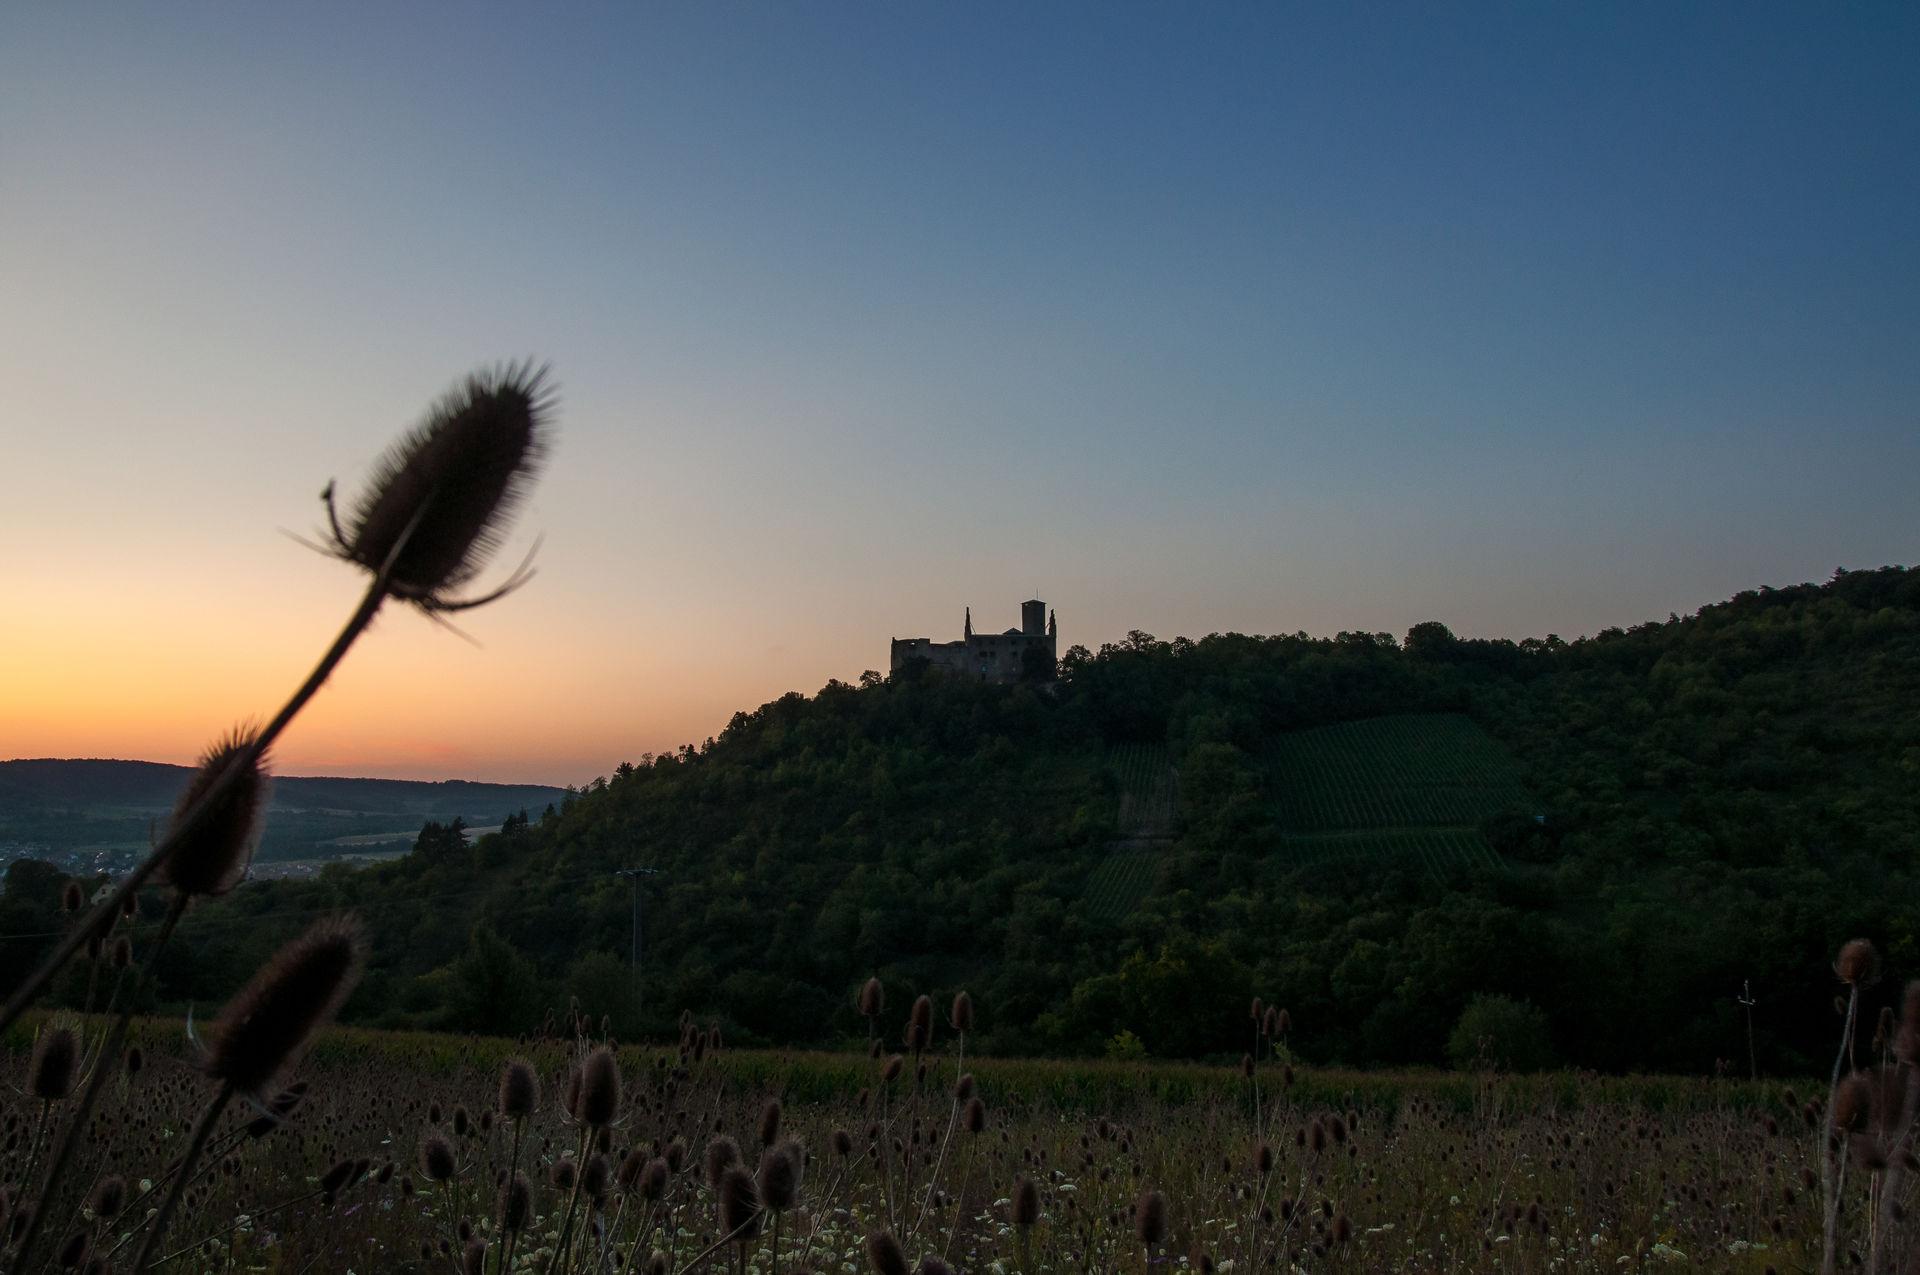 Foto von der Ruine Trimburg bei Sonnenuntergang